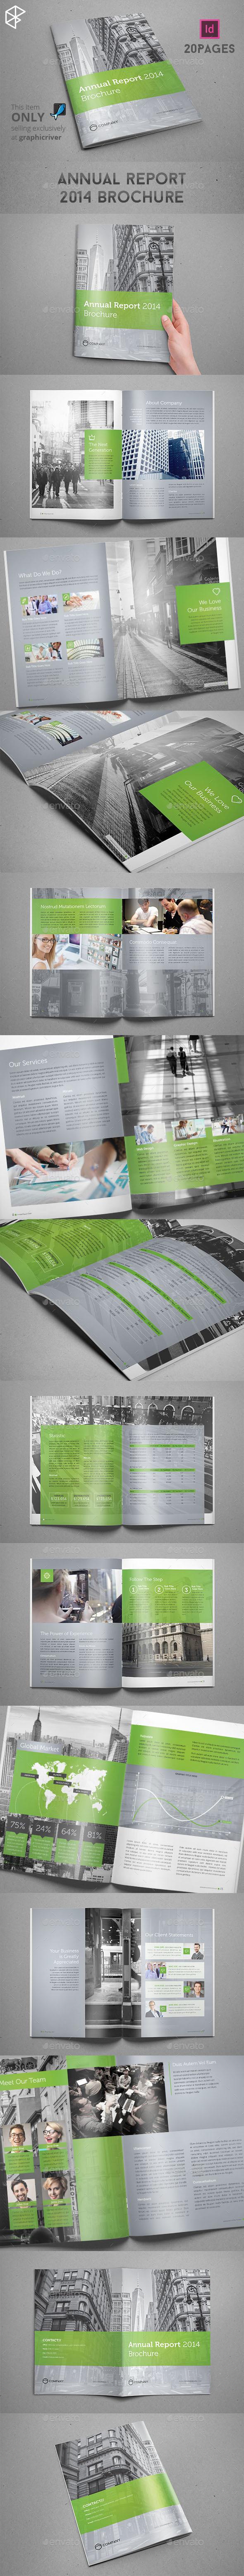 GraphicRiver Annual Report 2014 Brochure 9769019